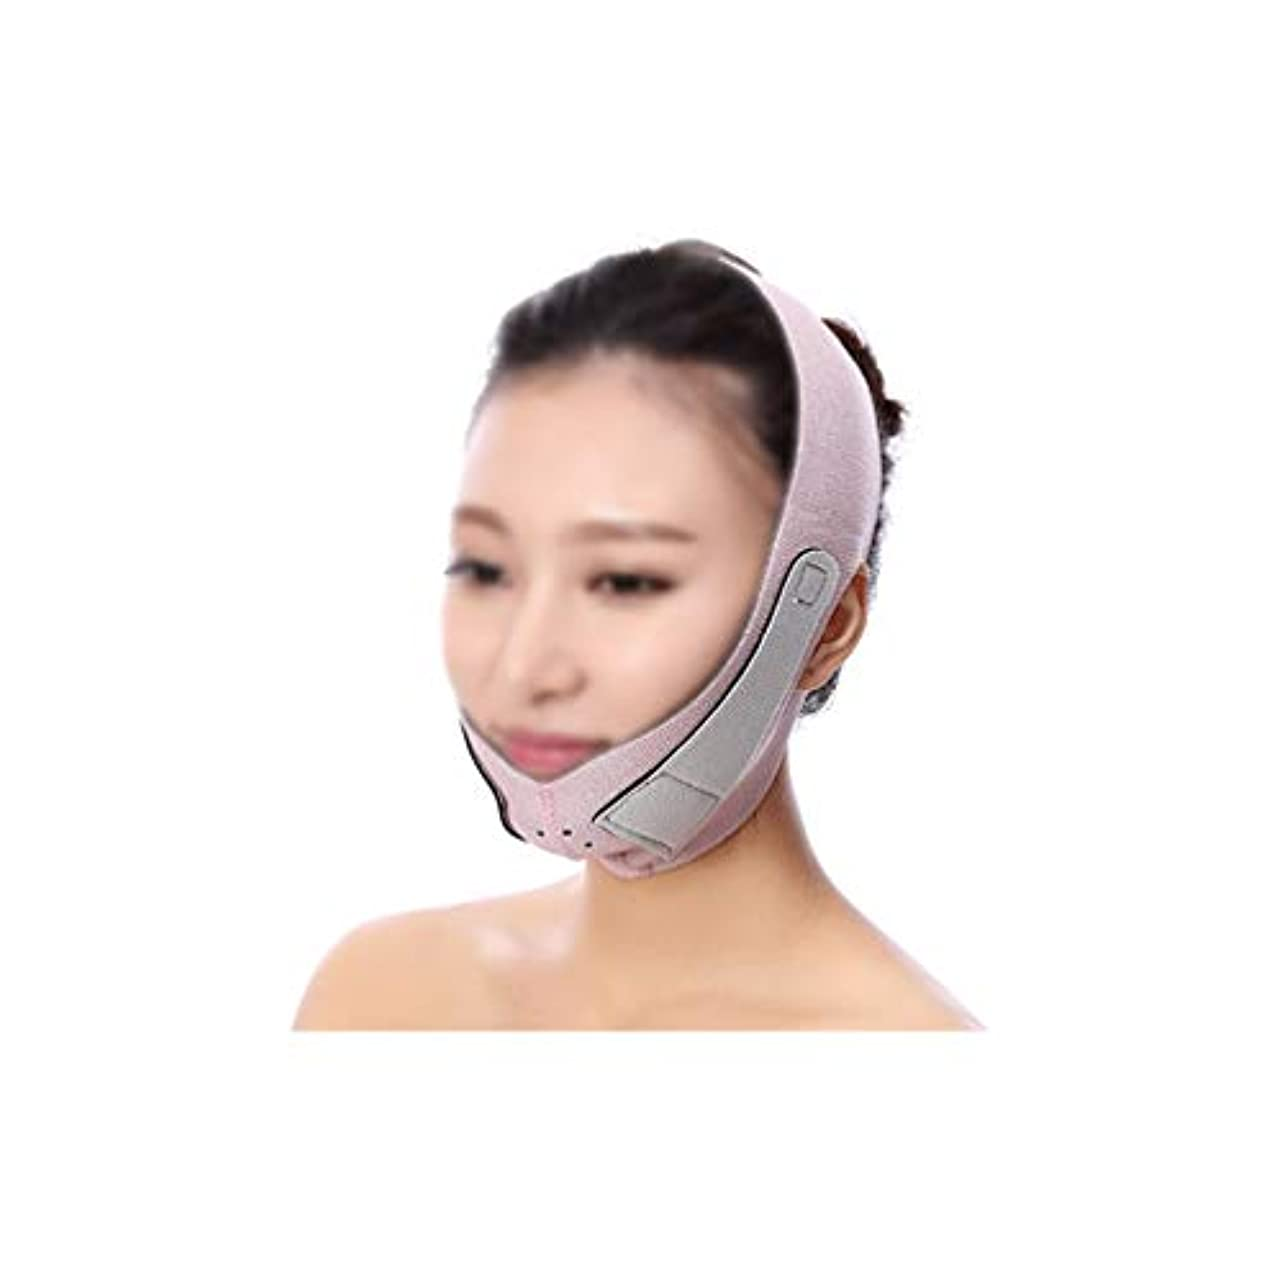 アンプバクテリア楽なフェイスリフトマスク、あごストラップ回復包帯小さなV顔薄い顔アーティファクト睡眠強力なマスクフェイスリフティング包帯フェイシャルリフティングダブルチンリフティング引き締め